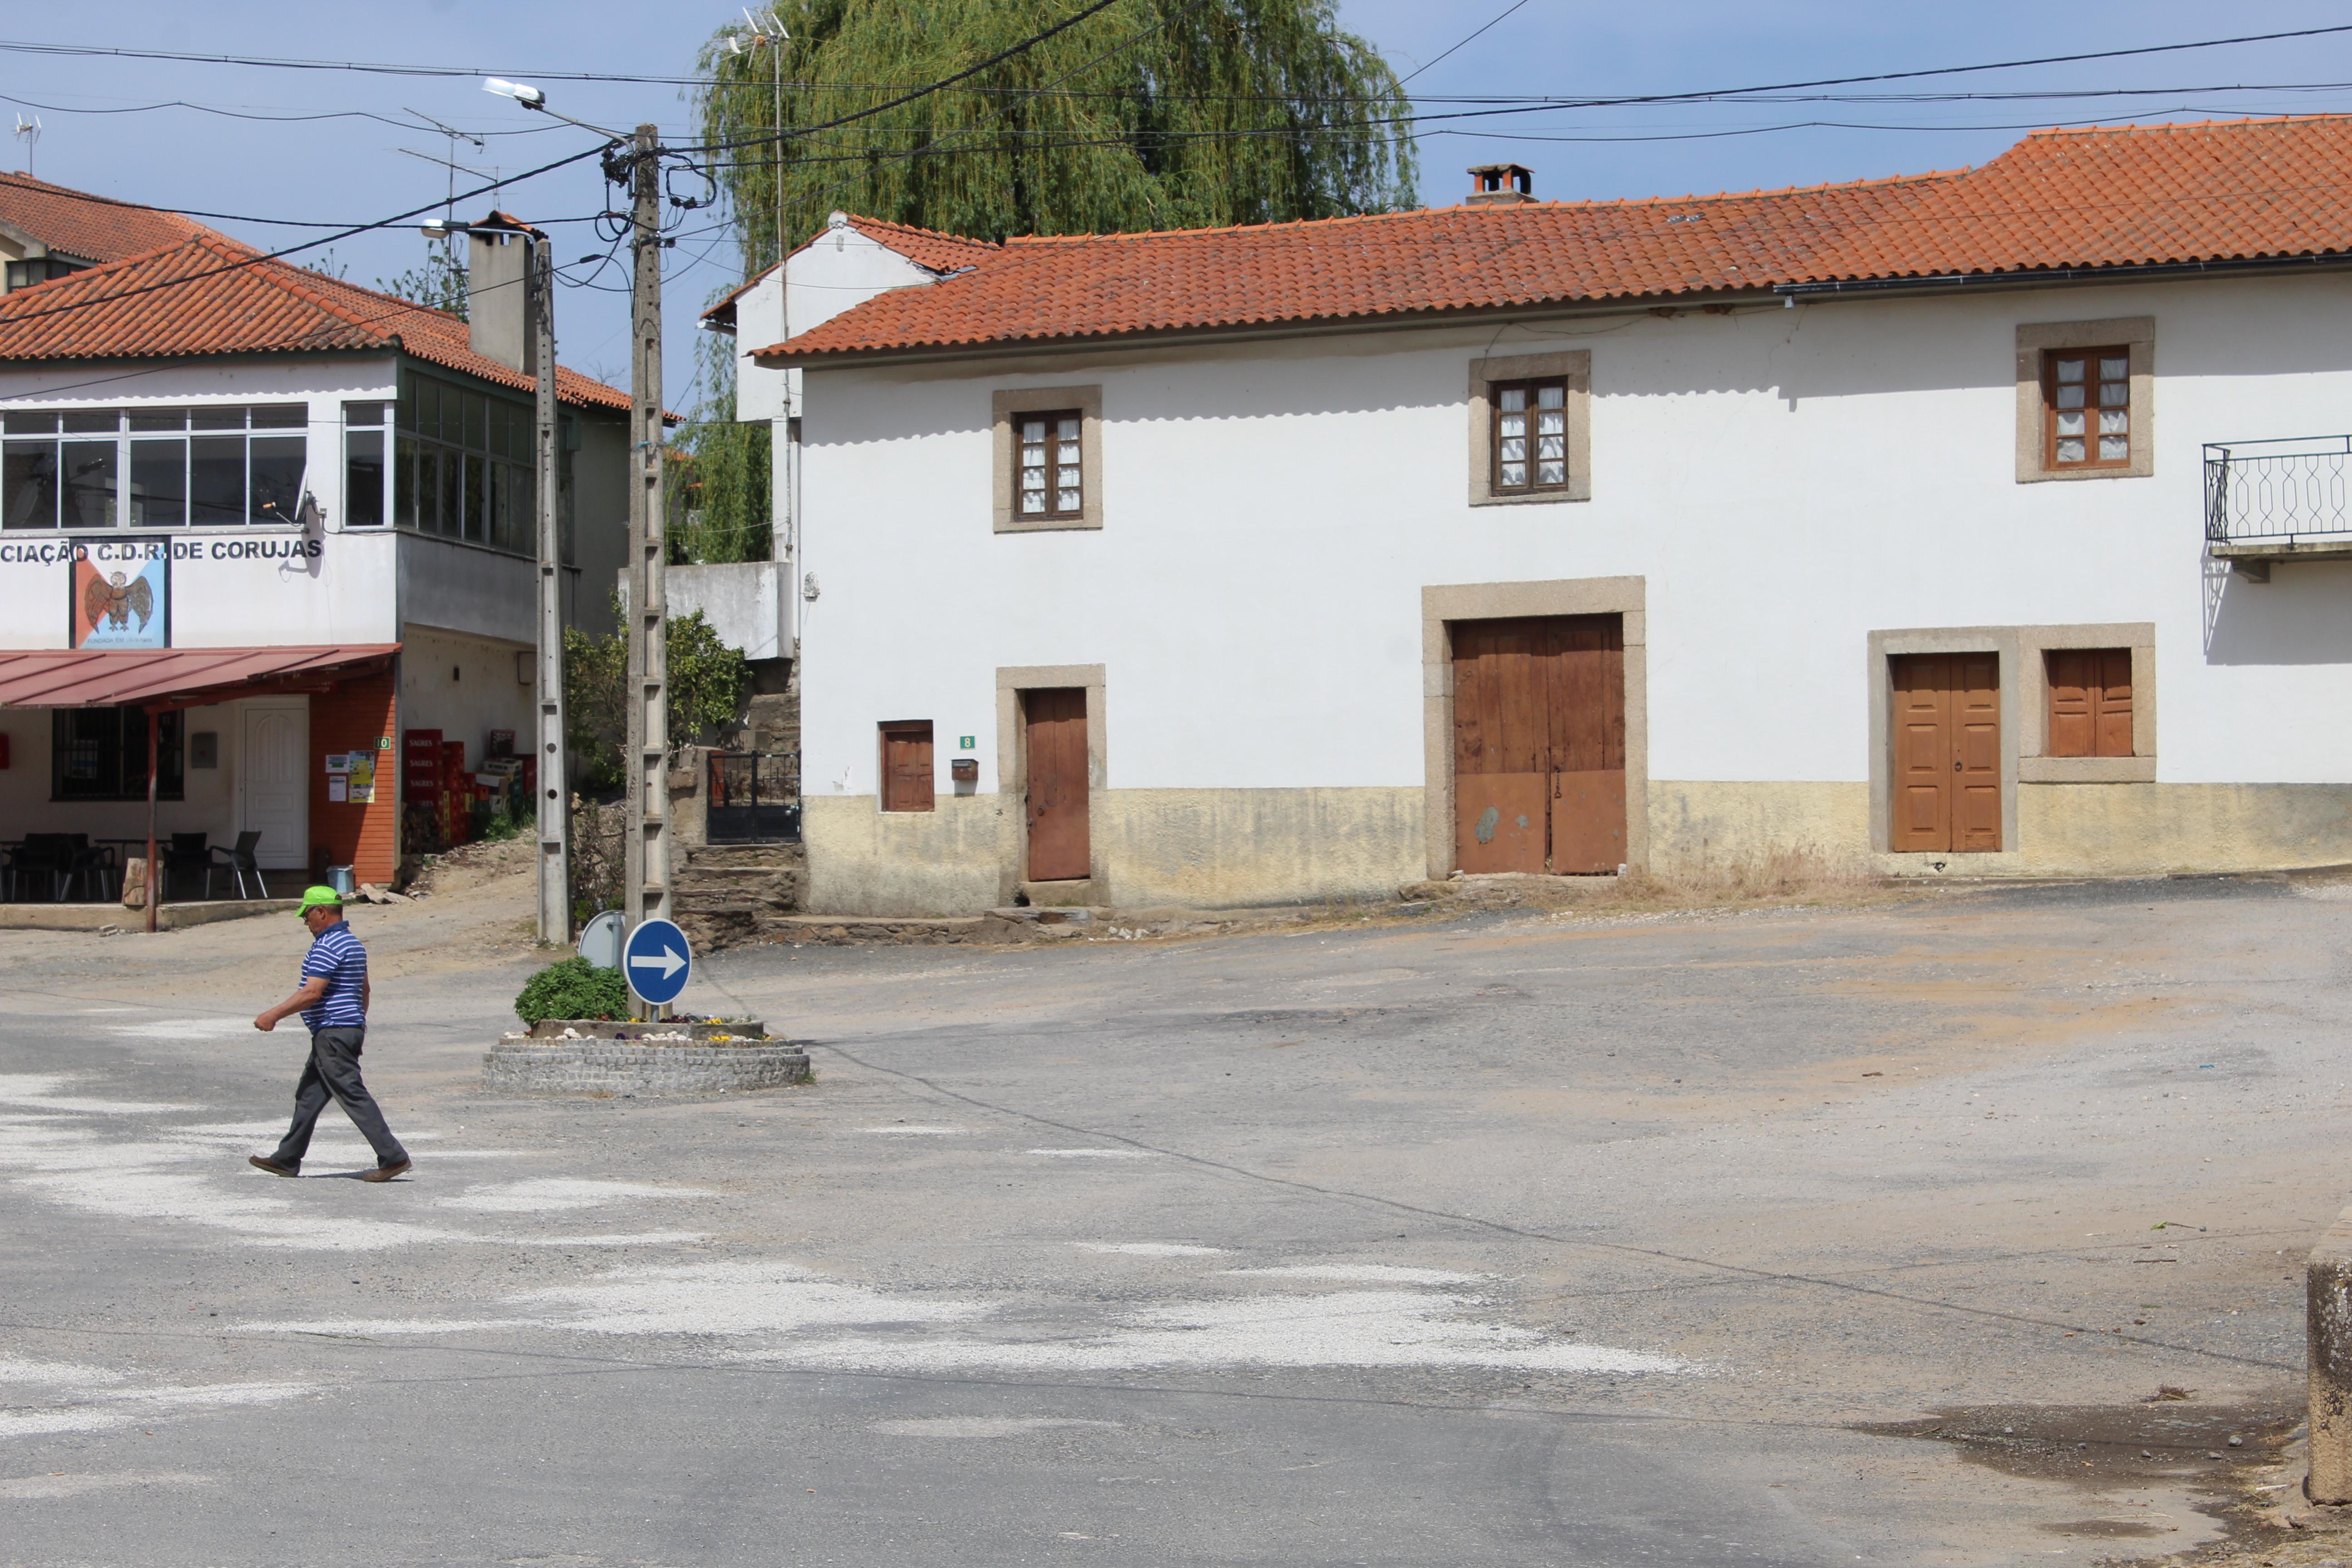 Em Corujas, a Páscoa é dia de atirar rebuçados pela janela